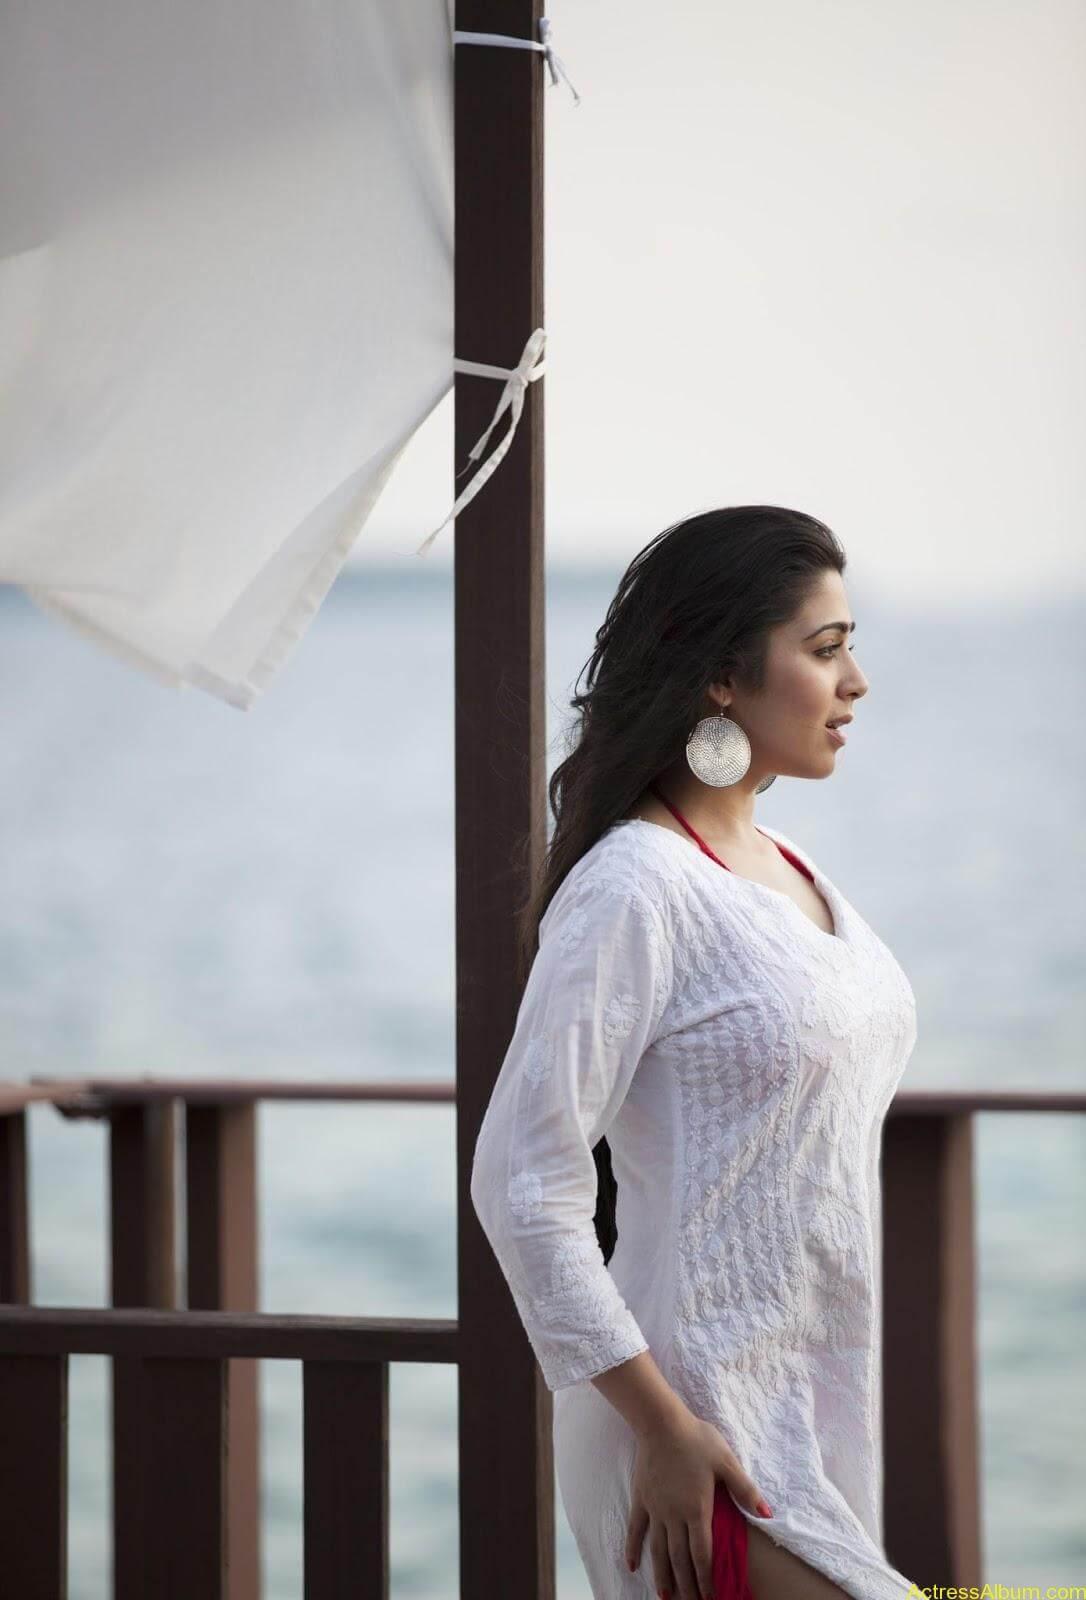 Charmi-kaur-latest-photoshoot-in-beach-5